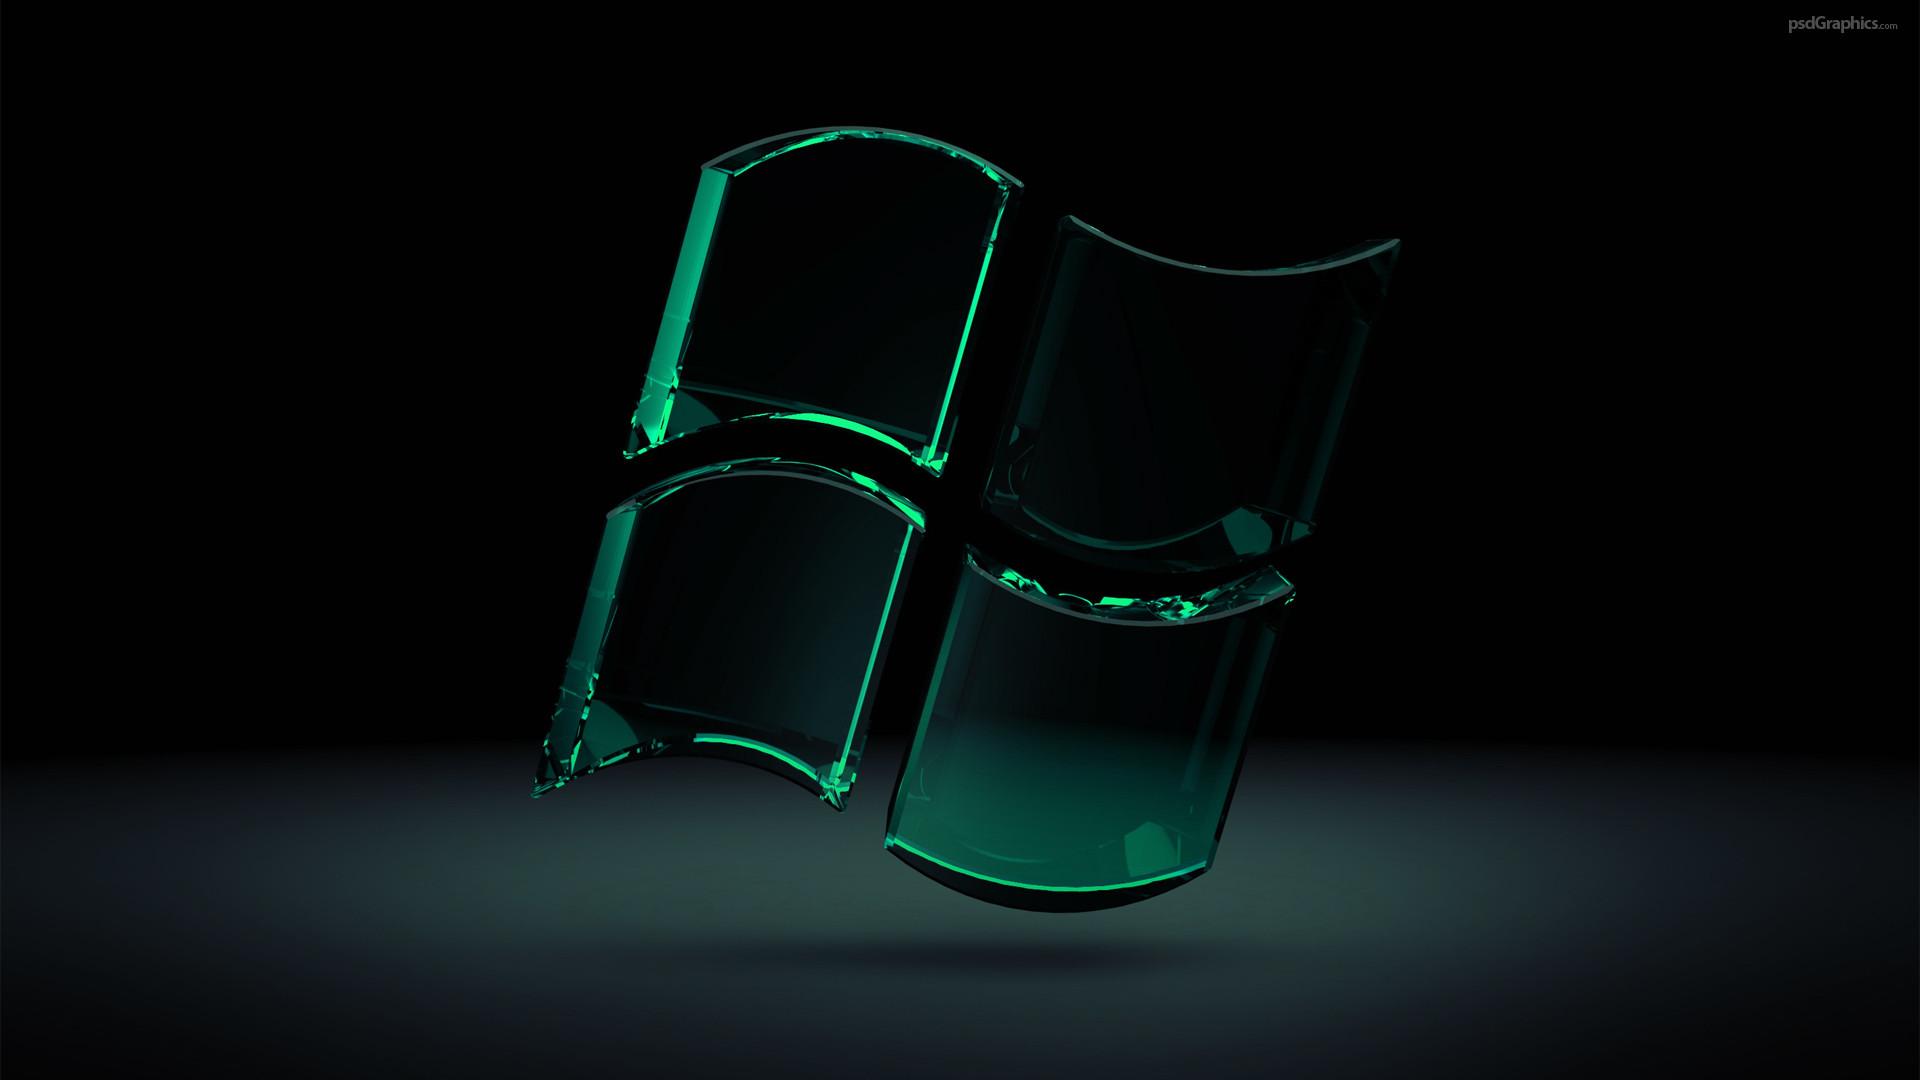 3D HD Wallpaper 67 Images